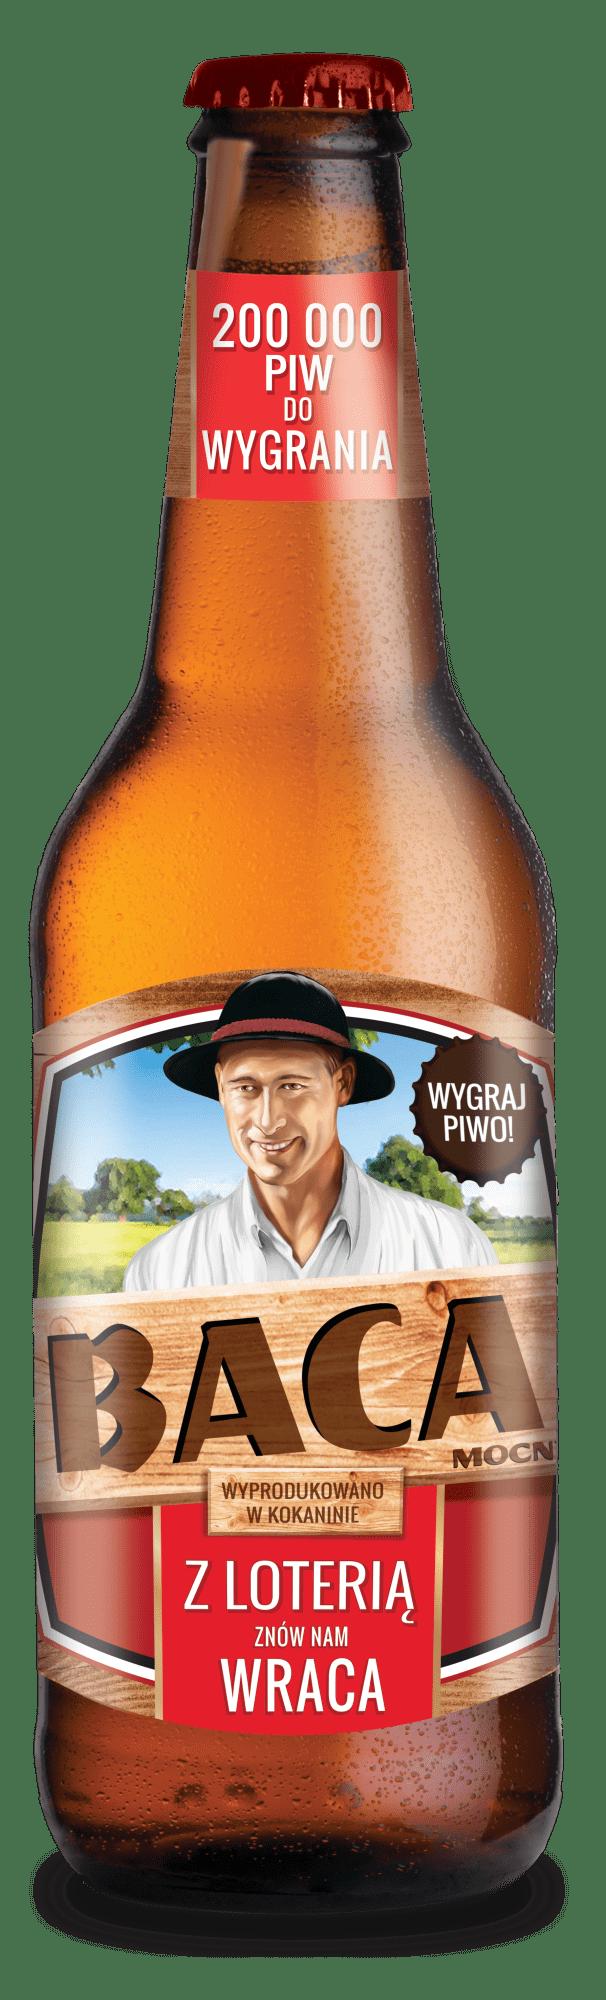 Piwo Baca Mocny - baca promo2021 wiz